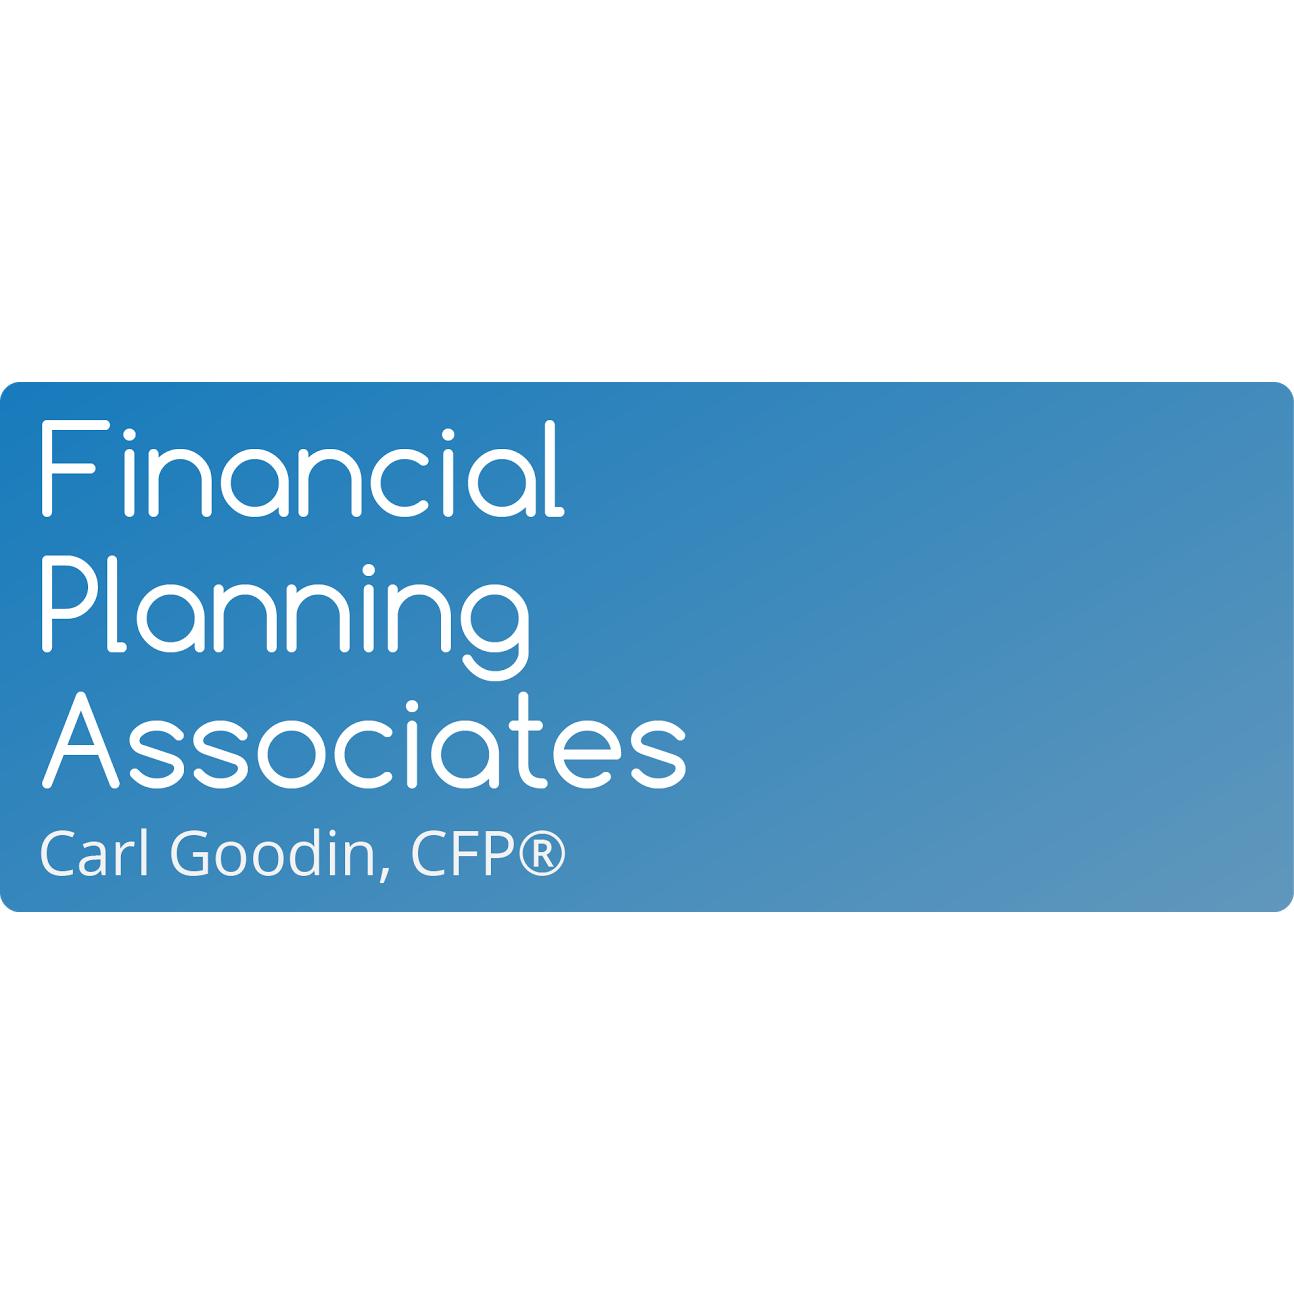 Financial Planning Associates Inc - Carl D. Goodin, CFP®